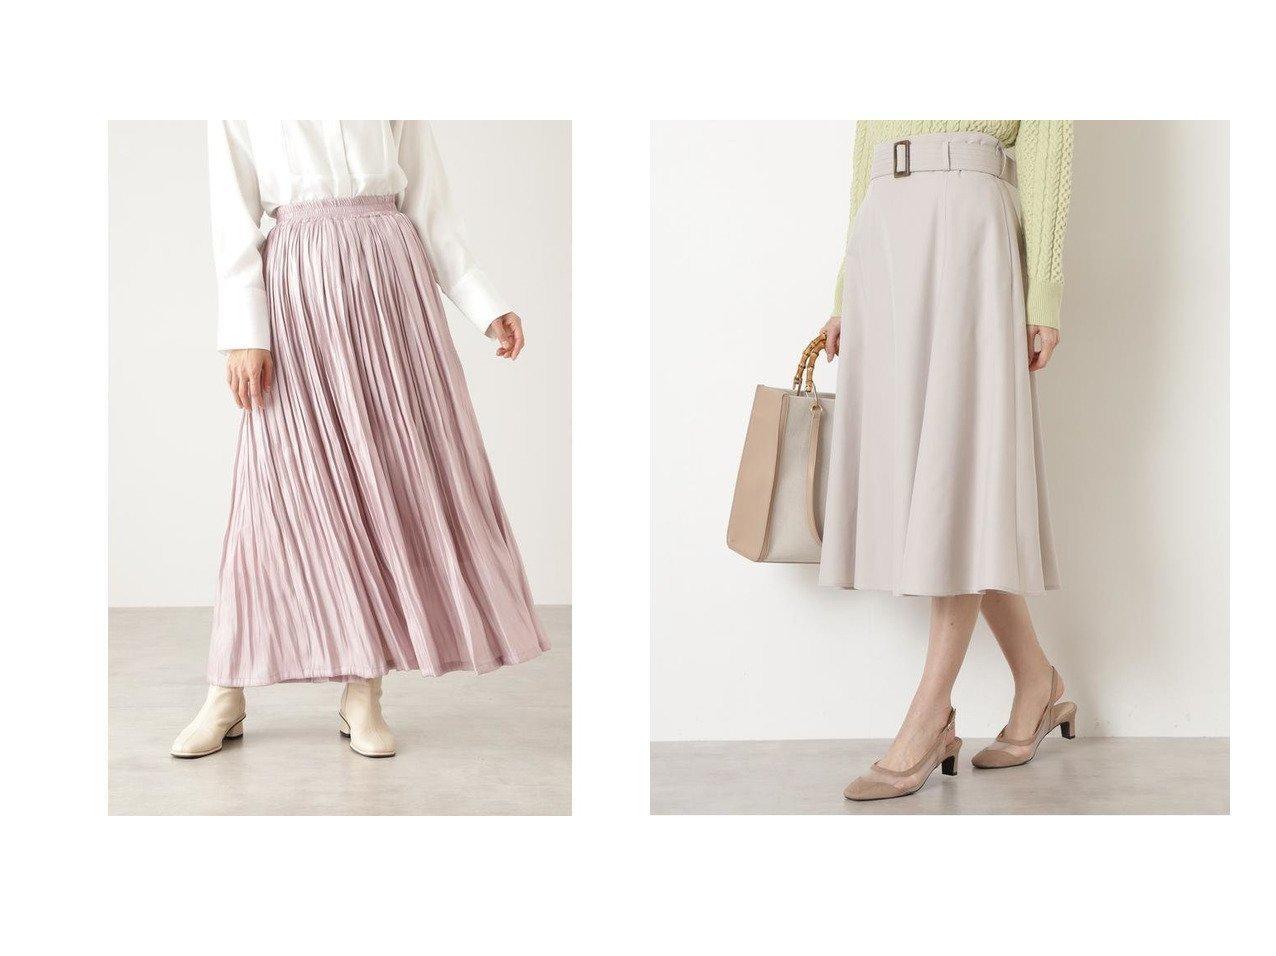 【N.Natural Beauty basic/エヌ ナチュラルビューティーベーシック】のブライトワッシャーマキシスカート&【NATURAL BEAUTY BASIC/ナチュラル ビューティー ベーシック】の洗える バックルベルトフレアスカート スカートのおすすめ!人気、トレンド・レディースファッションの通販 おすすめで人気の流行・トレンド、ファッションの通販商品 メンズファッション・キッズファッション・インテリア・家具・レディースファッション・服の通販 founy(ファニー) https://founy.com/ ファッション Fashion レディースファッション WOMEN スカート Skirt Aライン/フレアスカート Flared A-Line Skirts バッグ Bag ベルト Belts NEW・新作・新着・新入荷 New Arrivals ギャザー スウェット スリム パーカー フレア ワッシャー 今季 再入荷 Restock/Back in Stock/Re Arrival スタンダード 春 Spring 洗える |ID:crp329100000022483